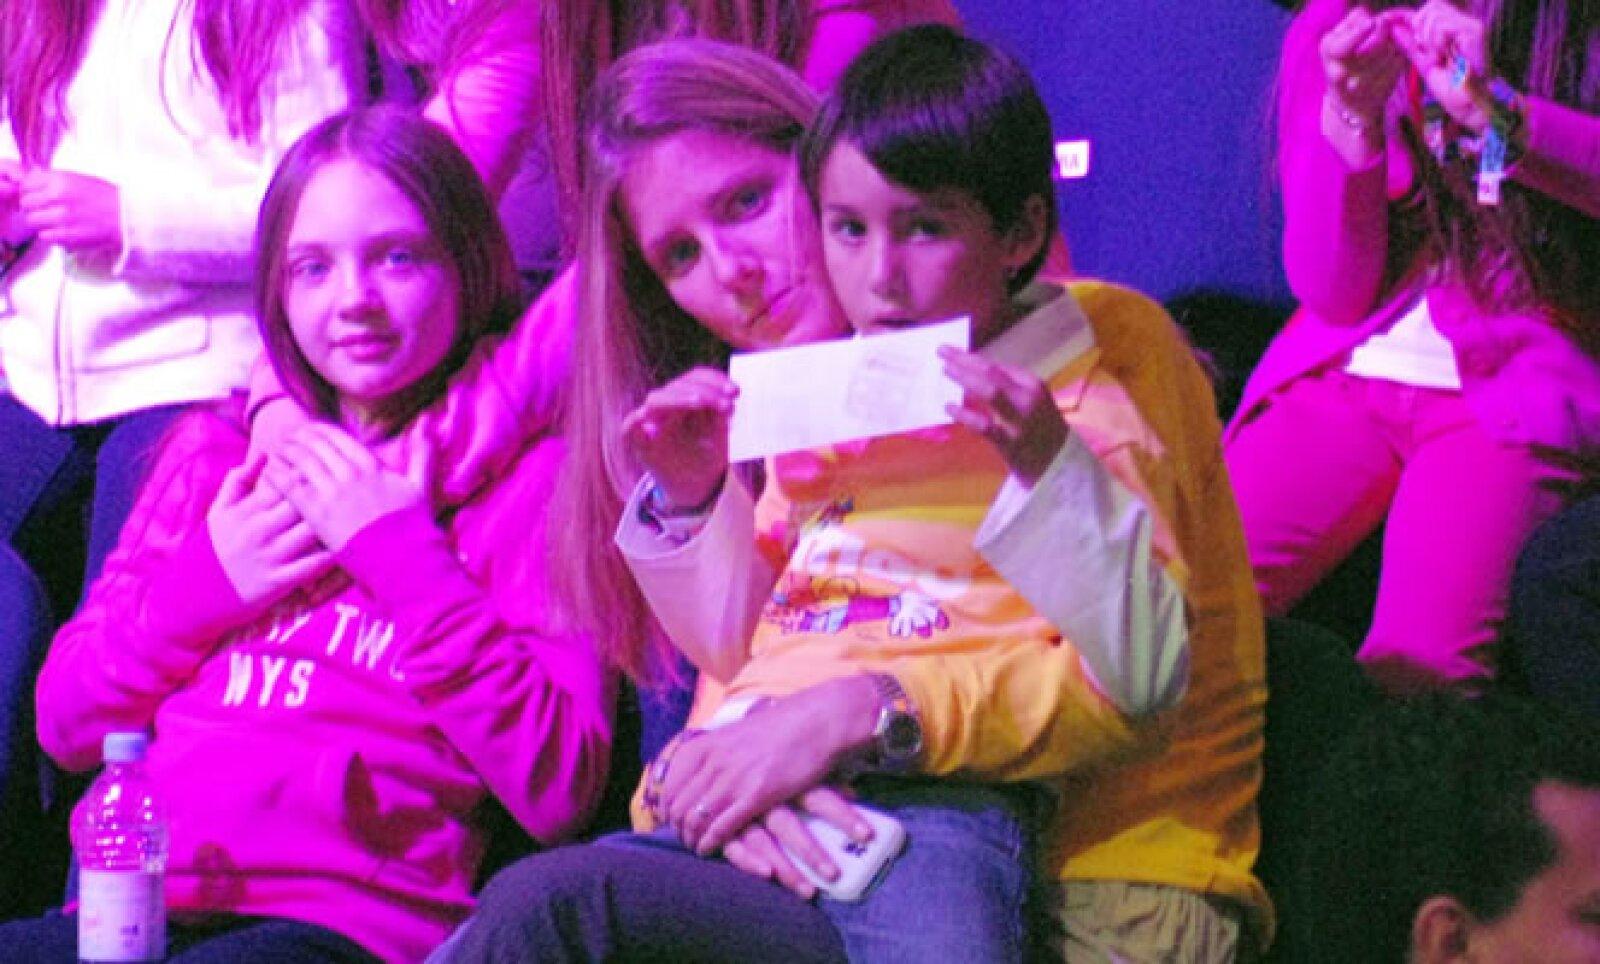 El presidente de grupo Televisa tiene 3 hijos con Sharon Fastlicht: Emilio Daniel de cinco años, Hanna de tres y Mauricio, el más pequeño, de uno y medio.